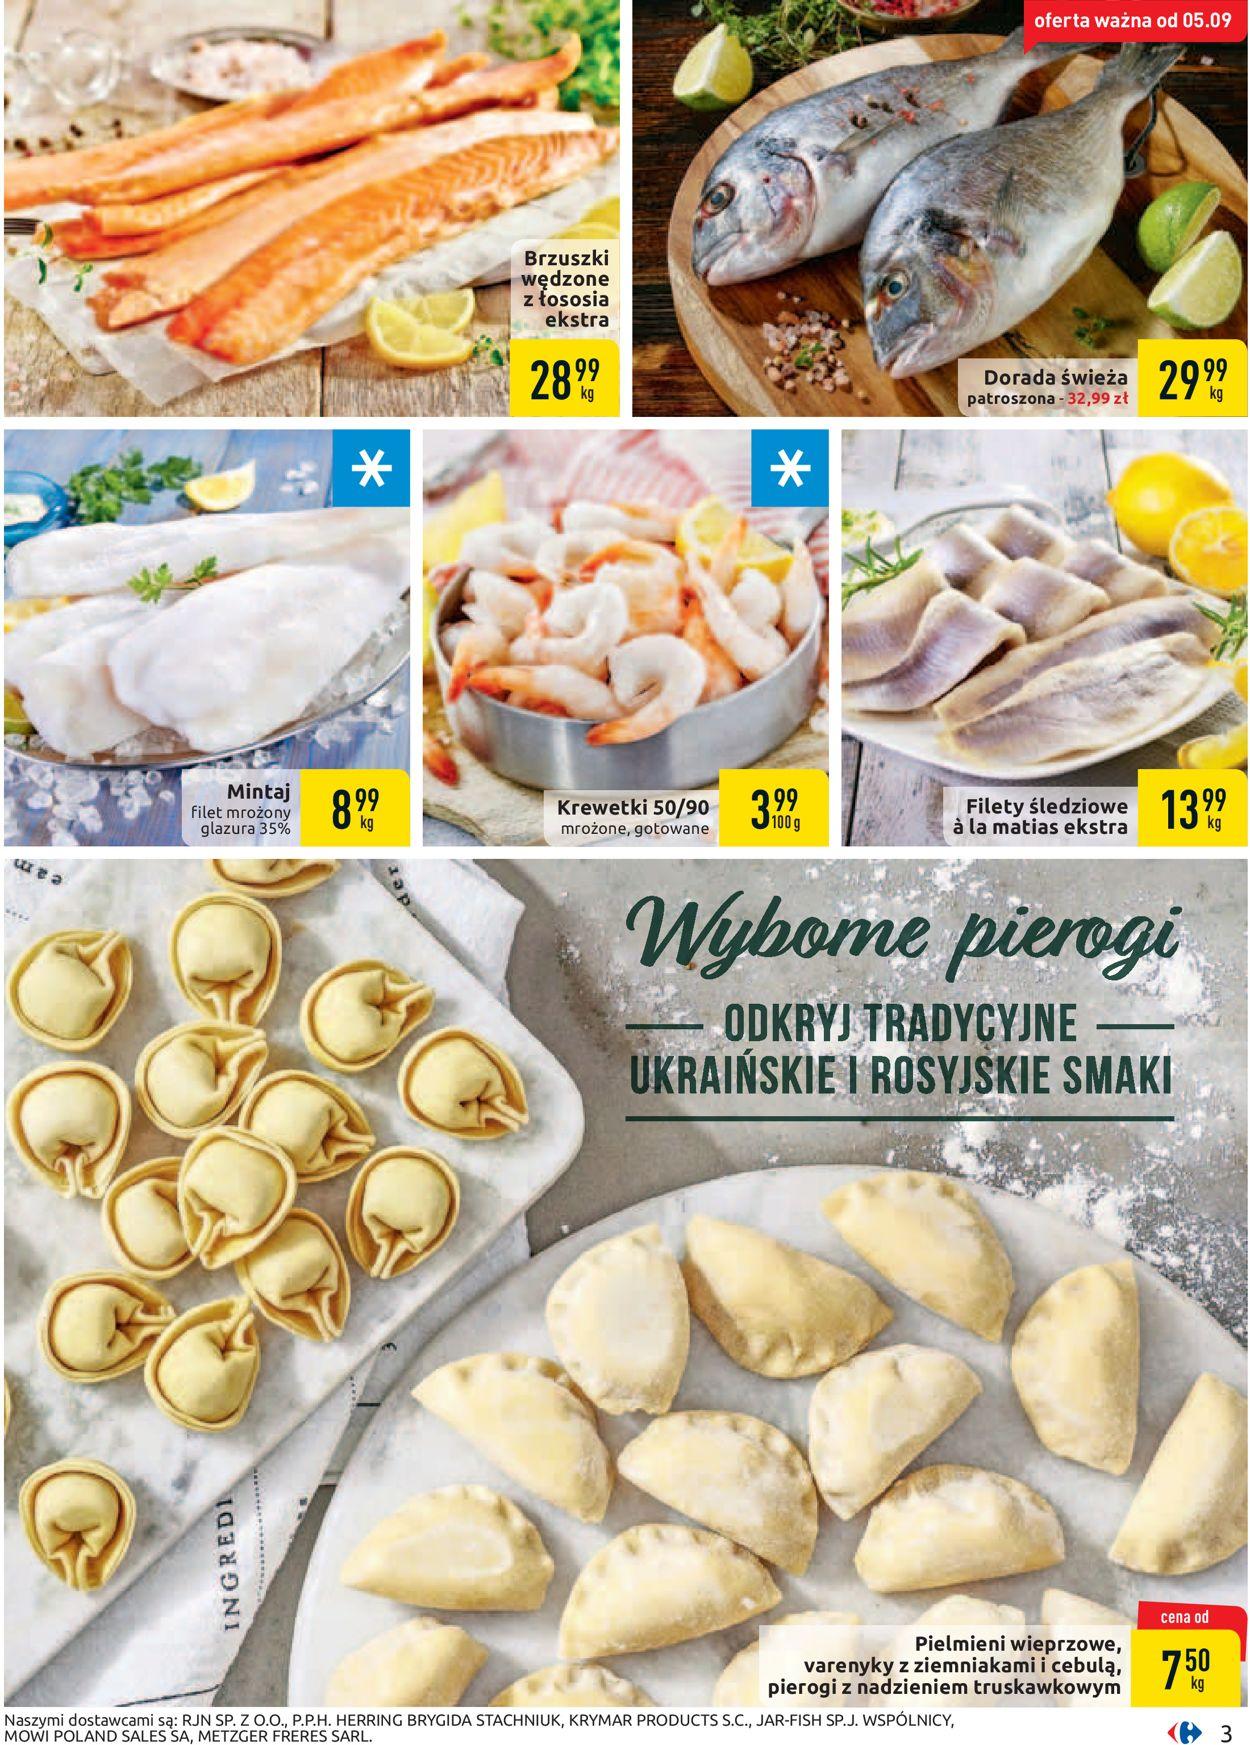 Gazetka promocyjna Carrefour - 03.09-14.09.2019 (Strona 3)